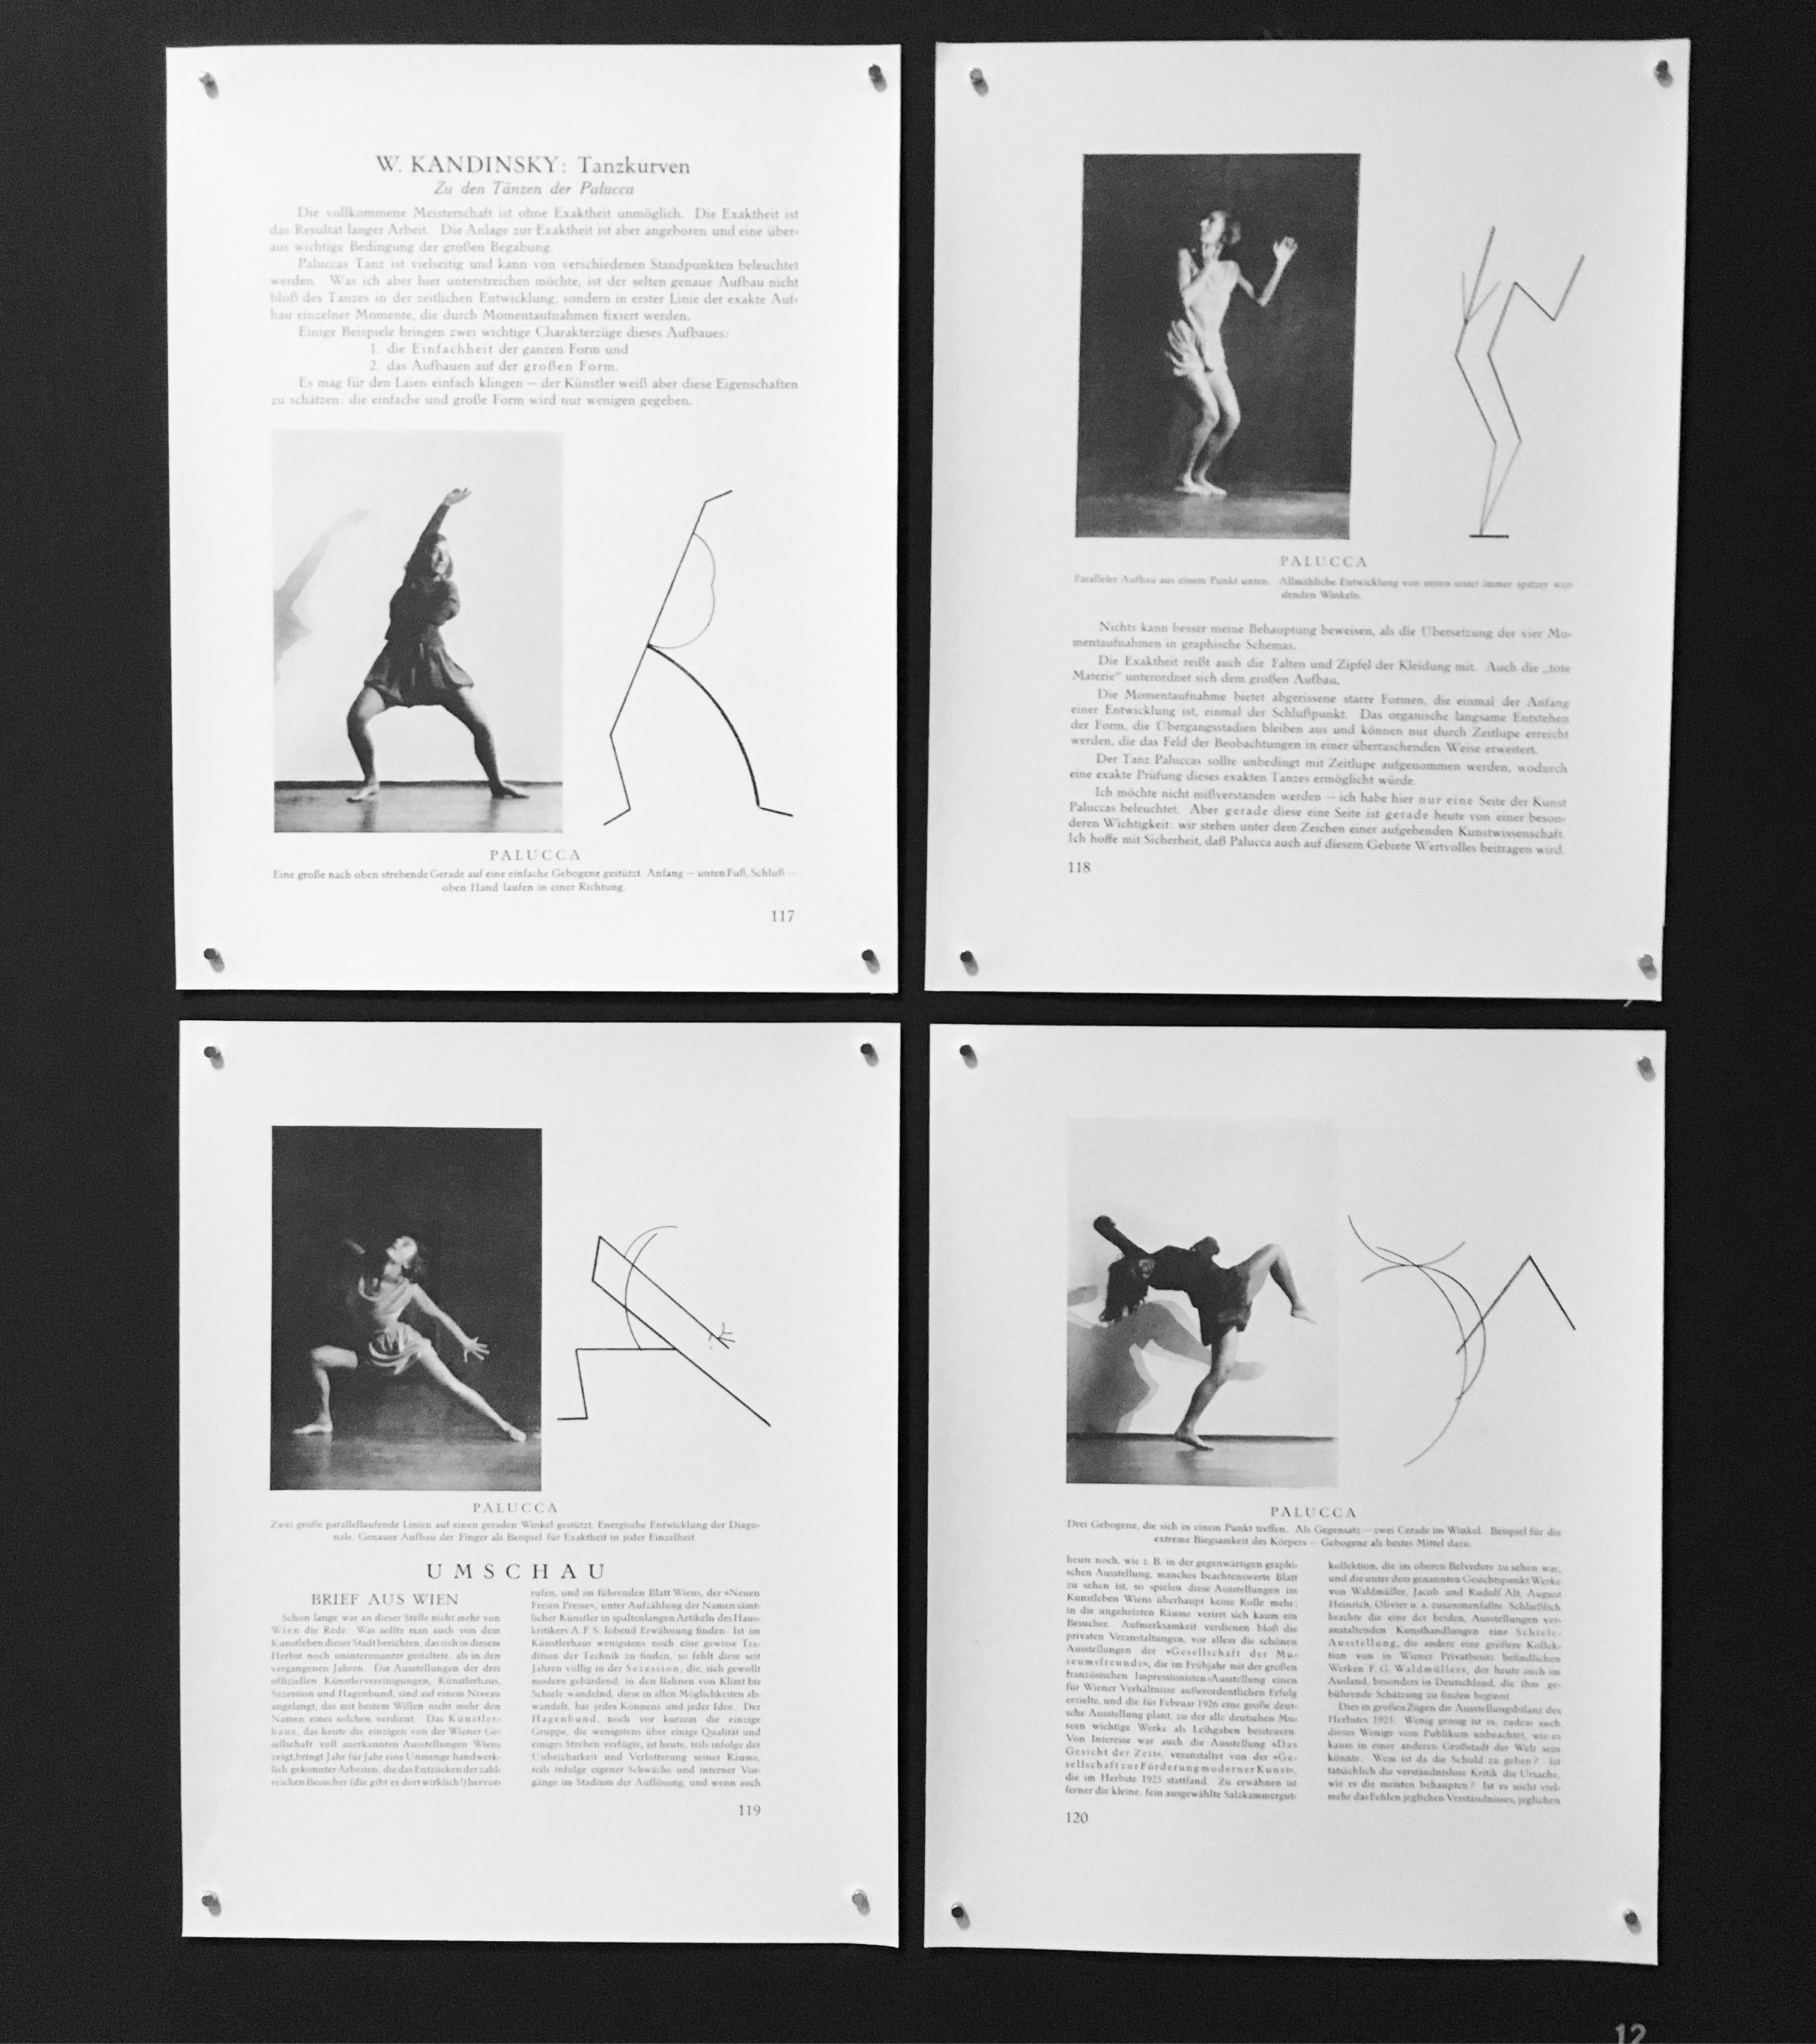 Oskar Schlemmer's work